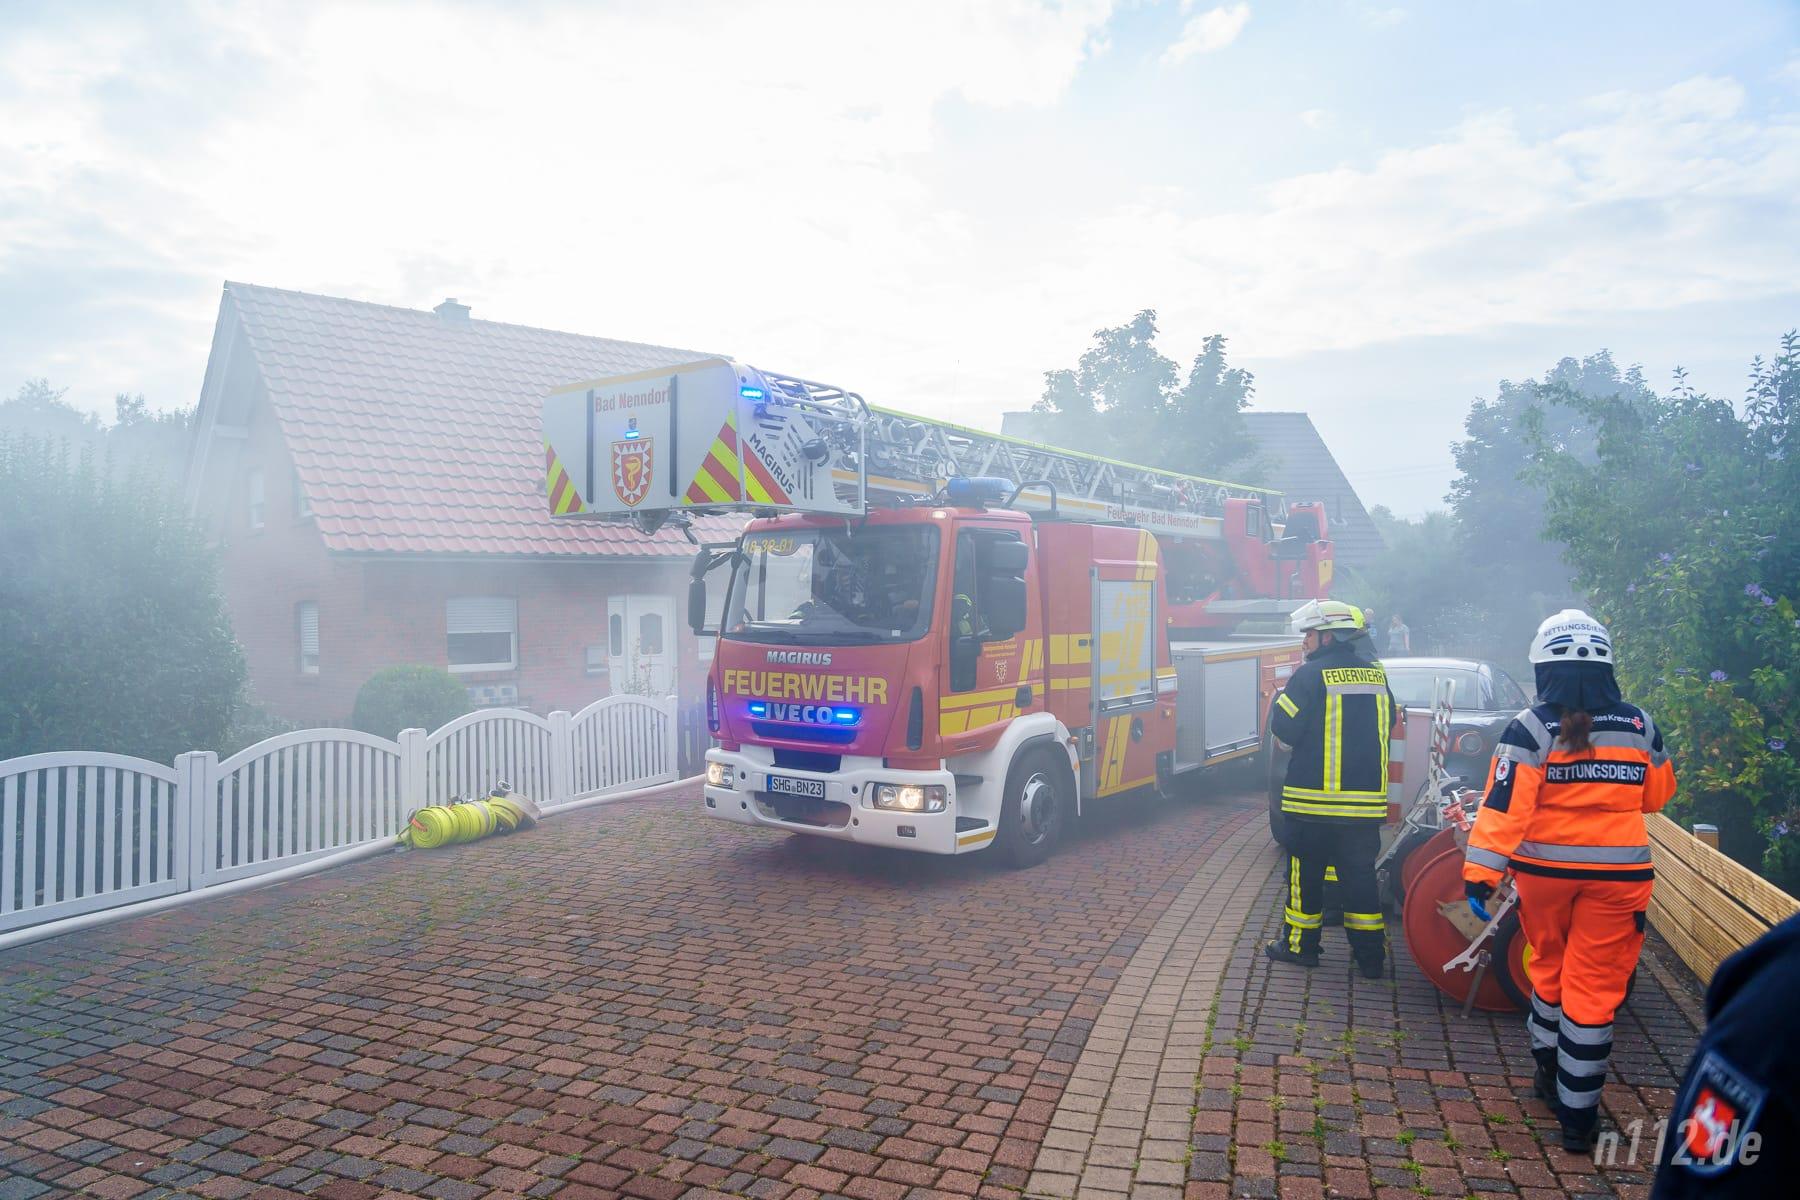 Die Drehleiter trifft am Brandort ein und wird neben dem Bungalow aufgestellt (Foto: n112.de/Stefan Simonsen)